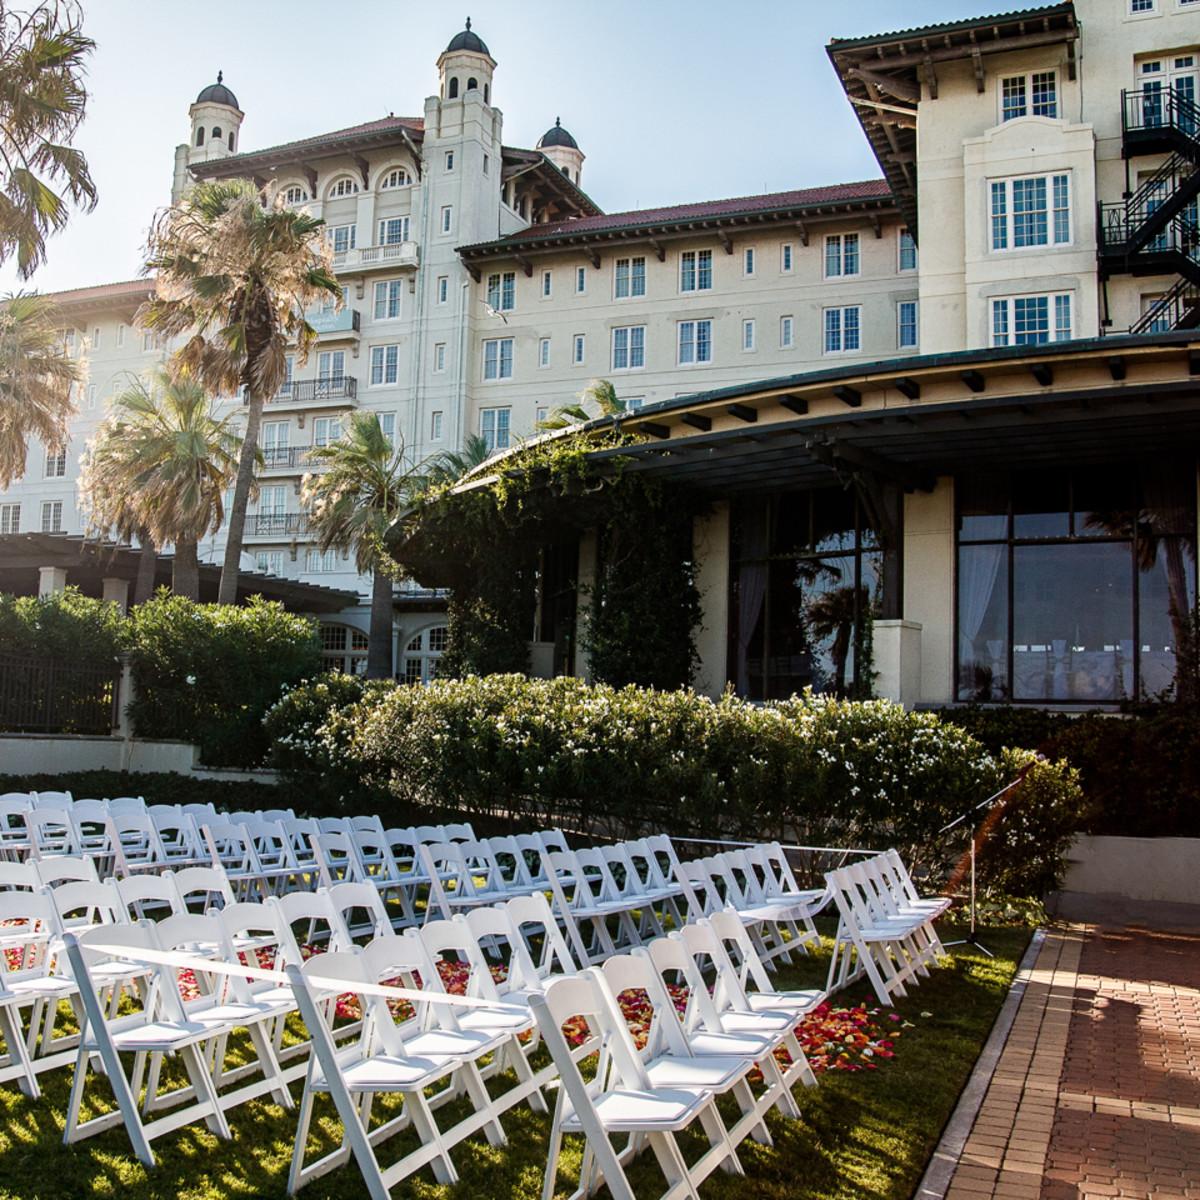 Hotel Galvez Oleander Garden wedding